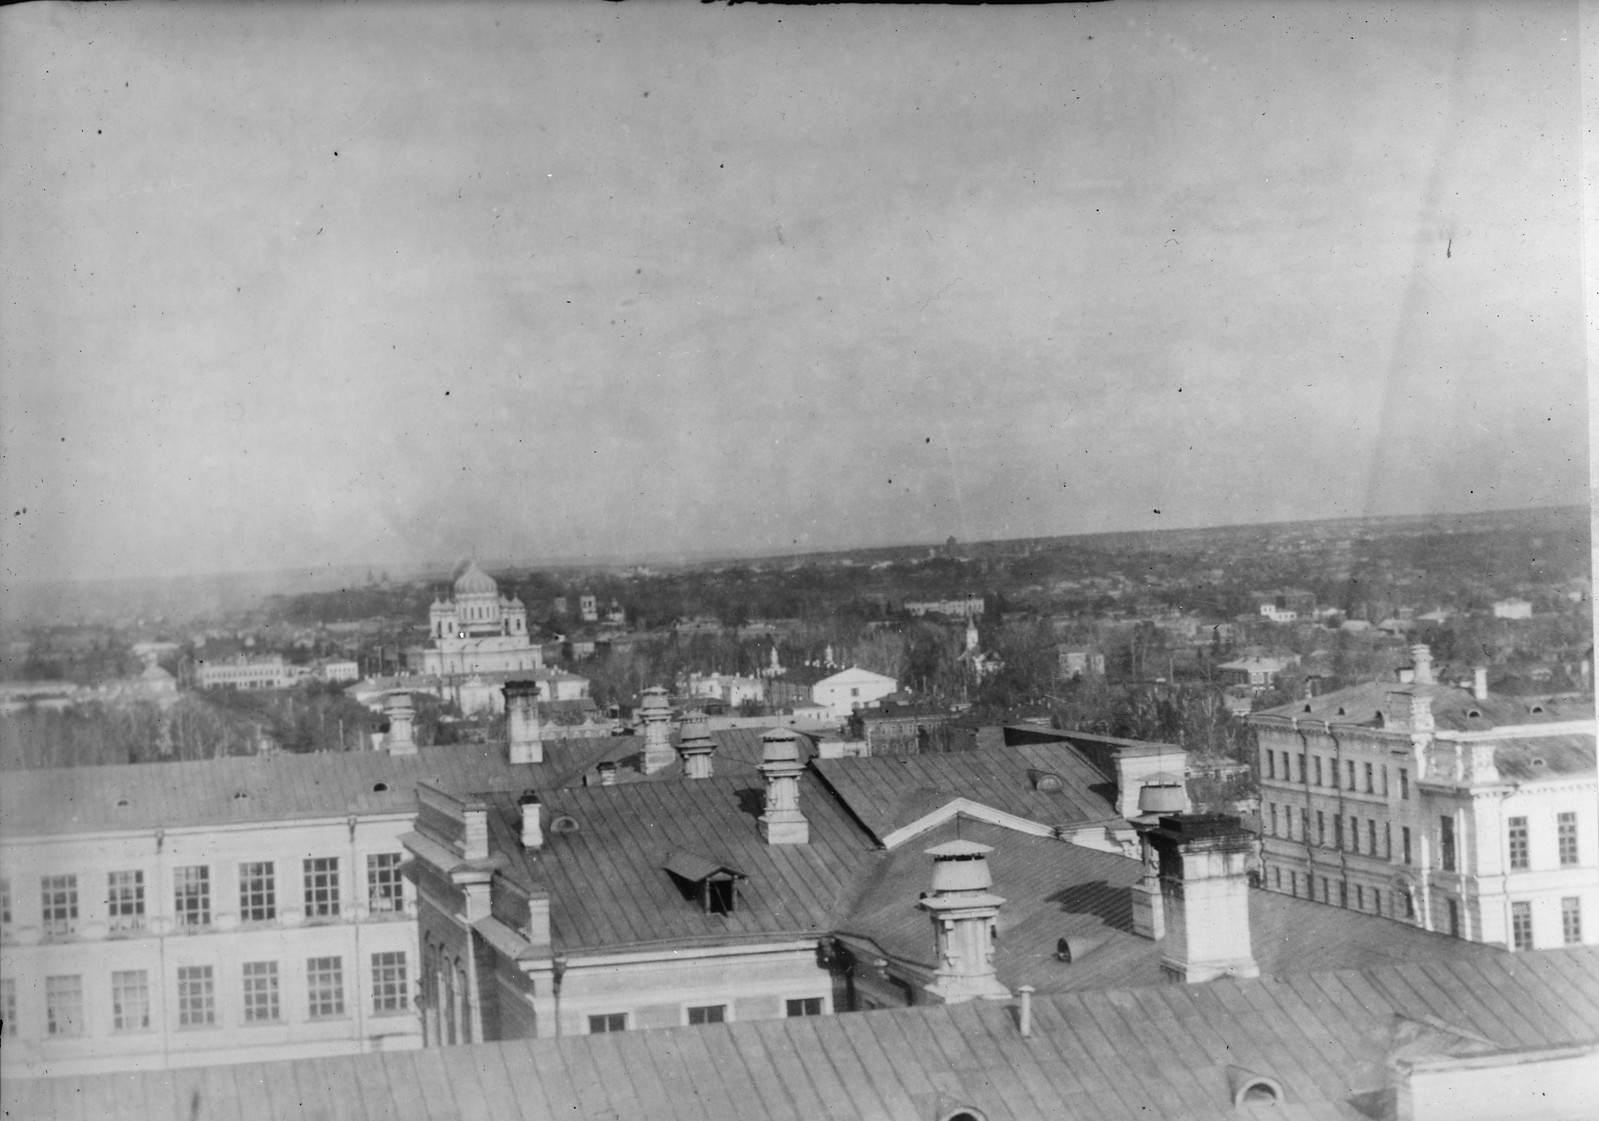 18. 1919. Томск. Здание госпиталя Американского Красного Креста